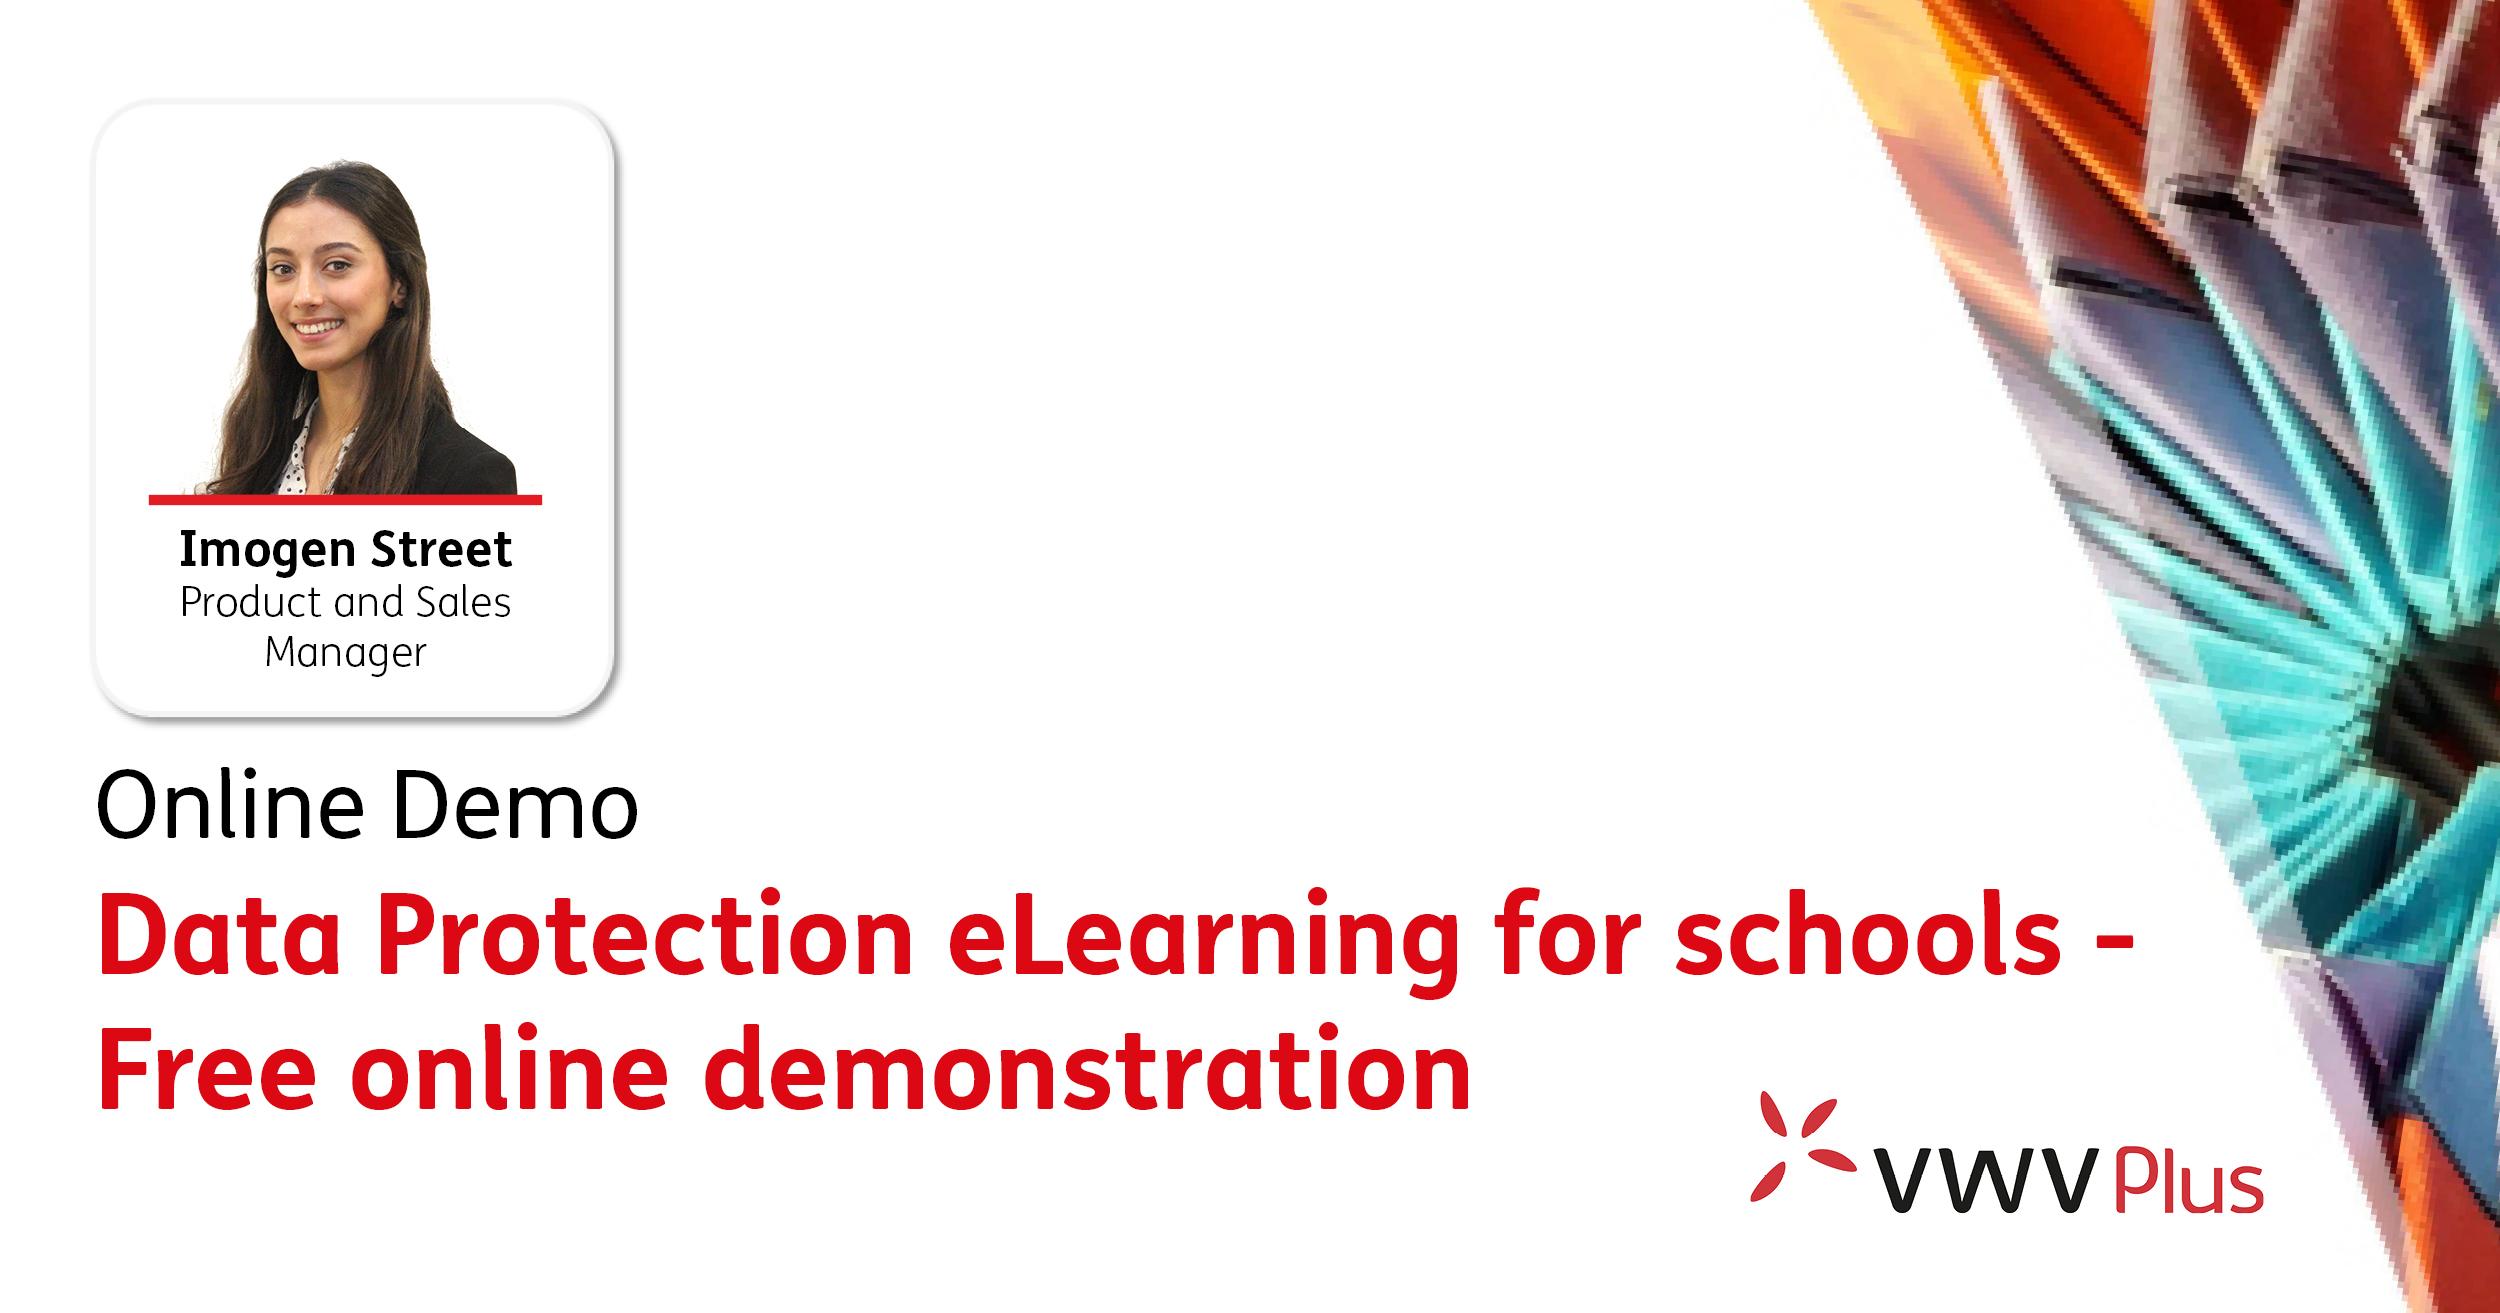 Online demo for VWV Plus 7 July 2021